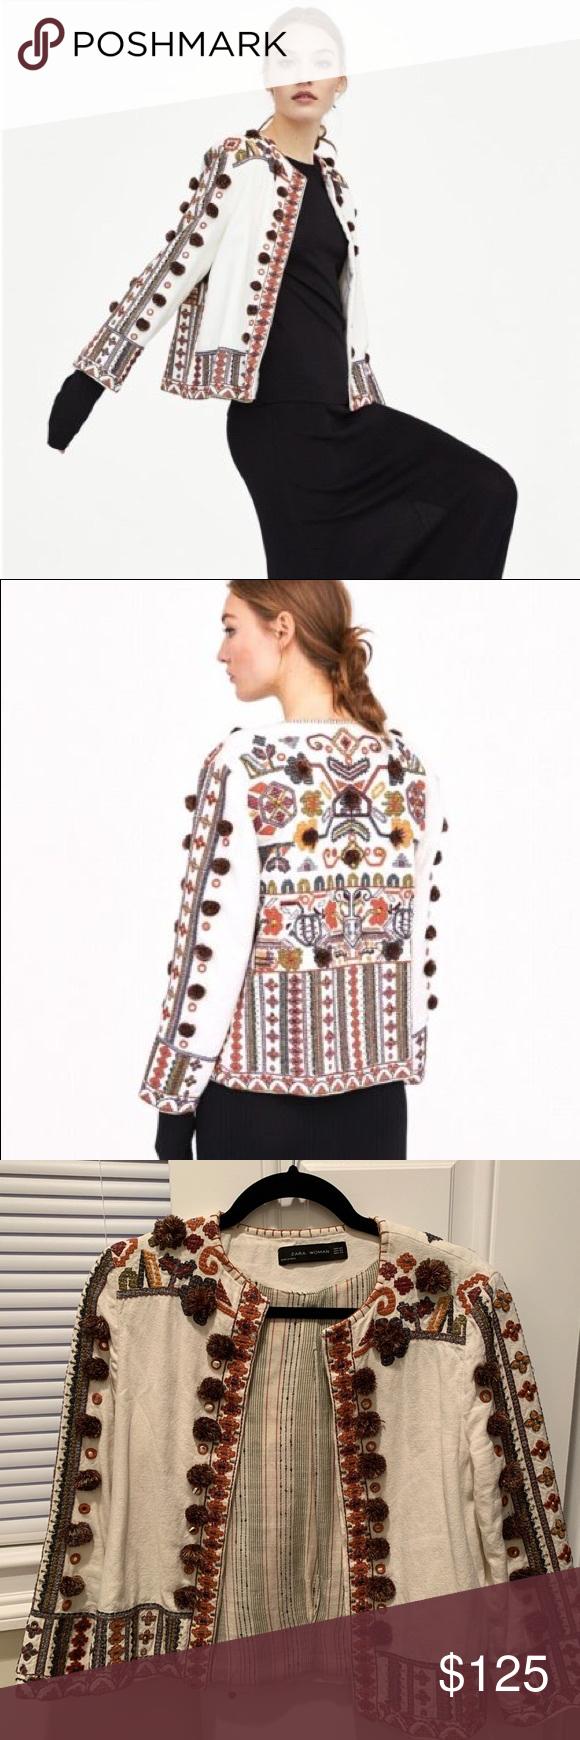 Zara Embroidered Pom Pom Jacket Xs In 2019 My Posh Picks